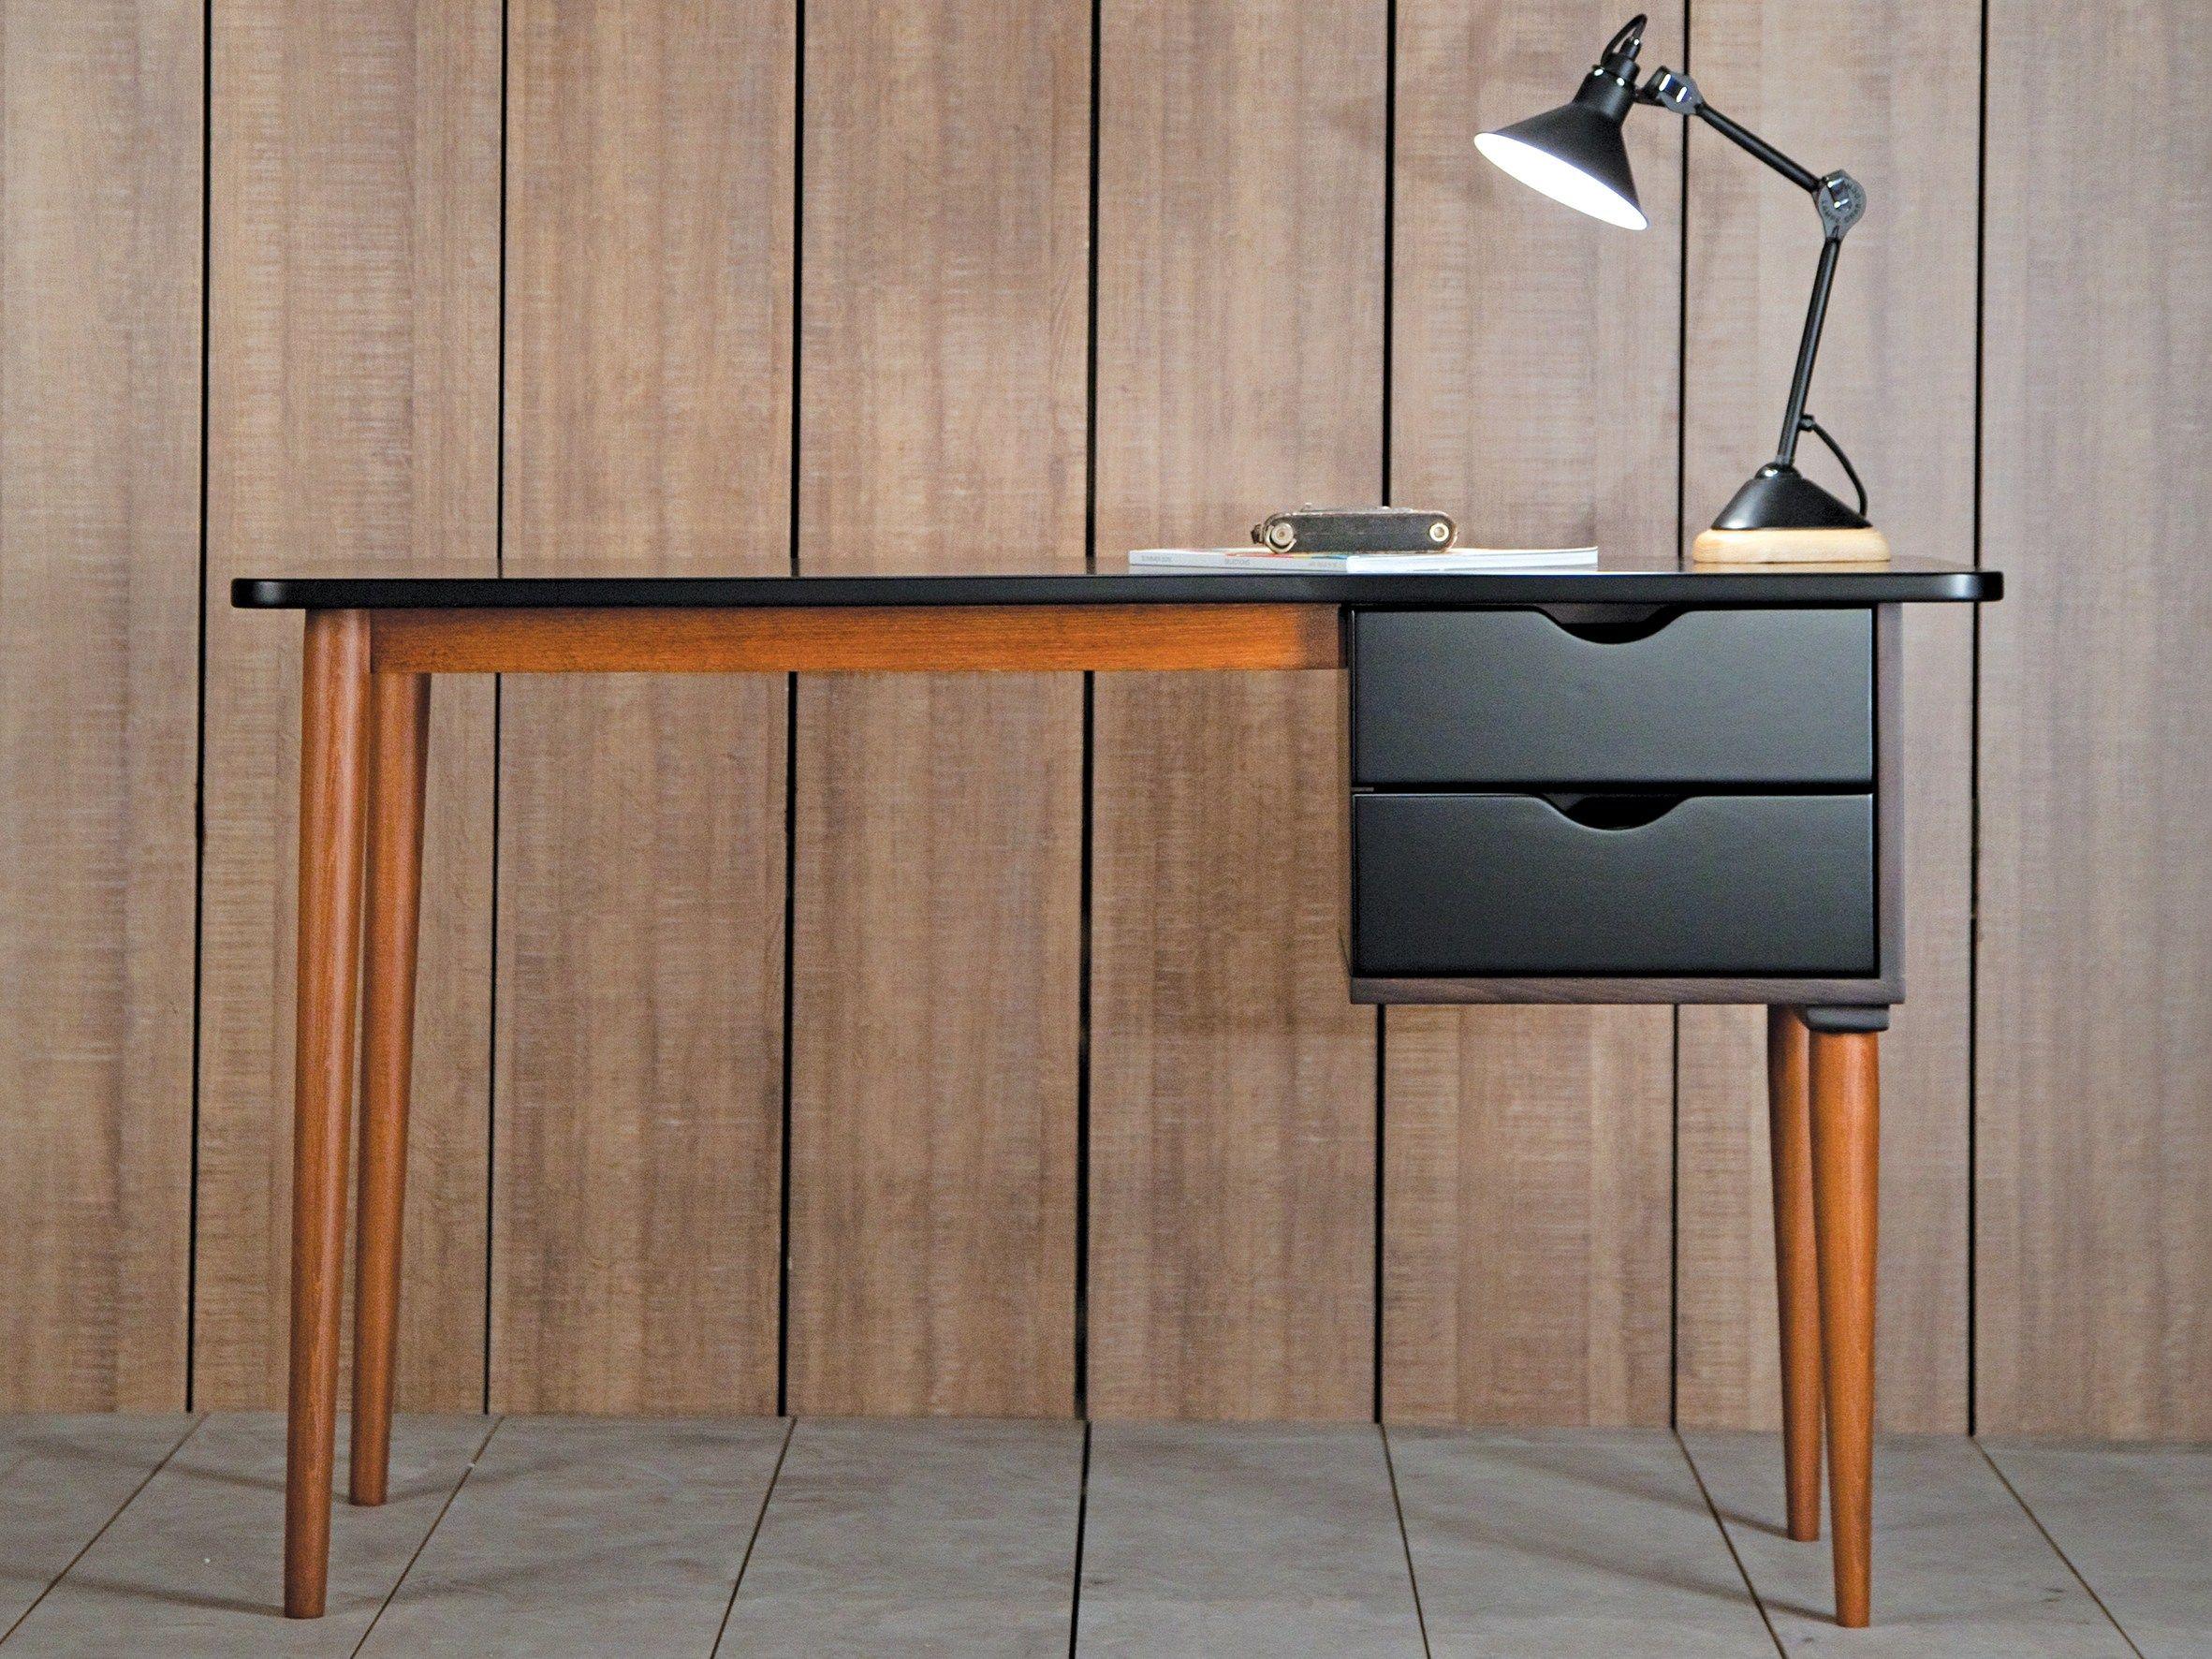 Schreibtisch Aus Holzwerkstoff Mit Schubladen COSIMO WENGÈ By Adentro  Design Marco Zanuso